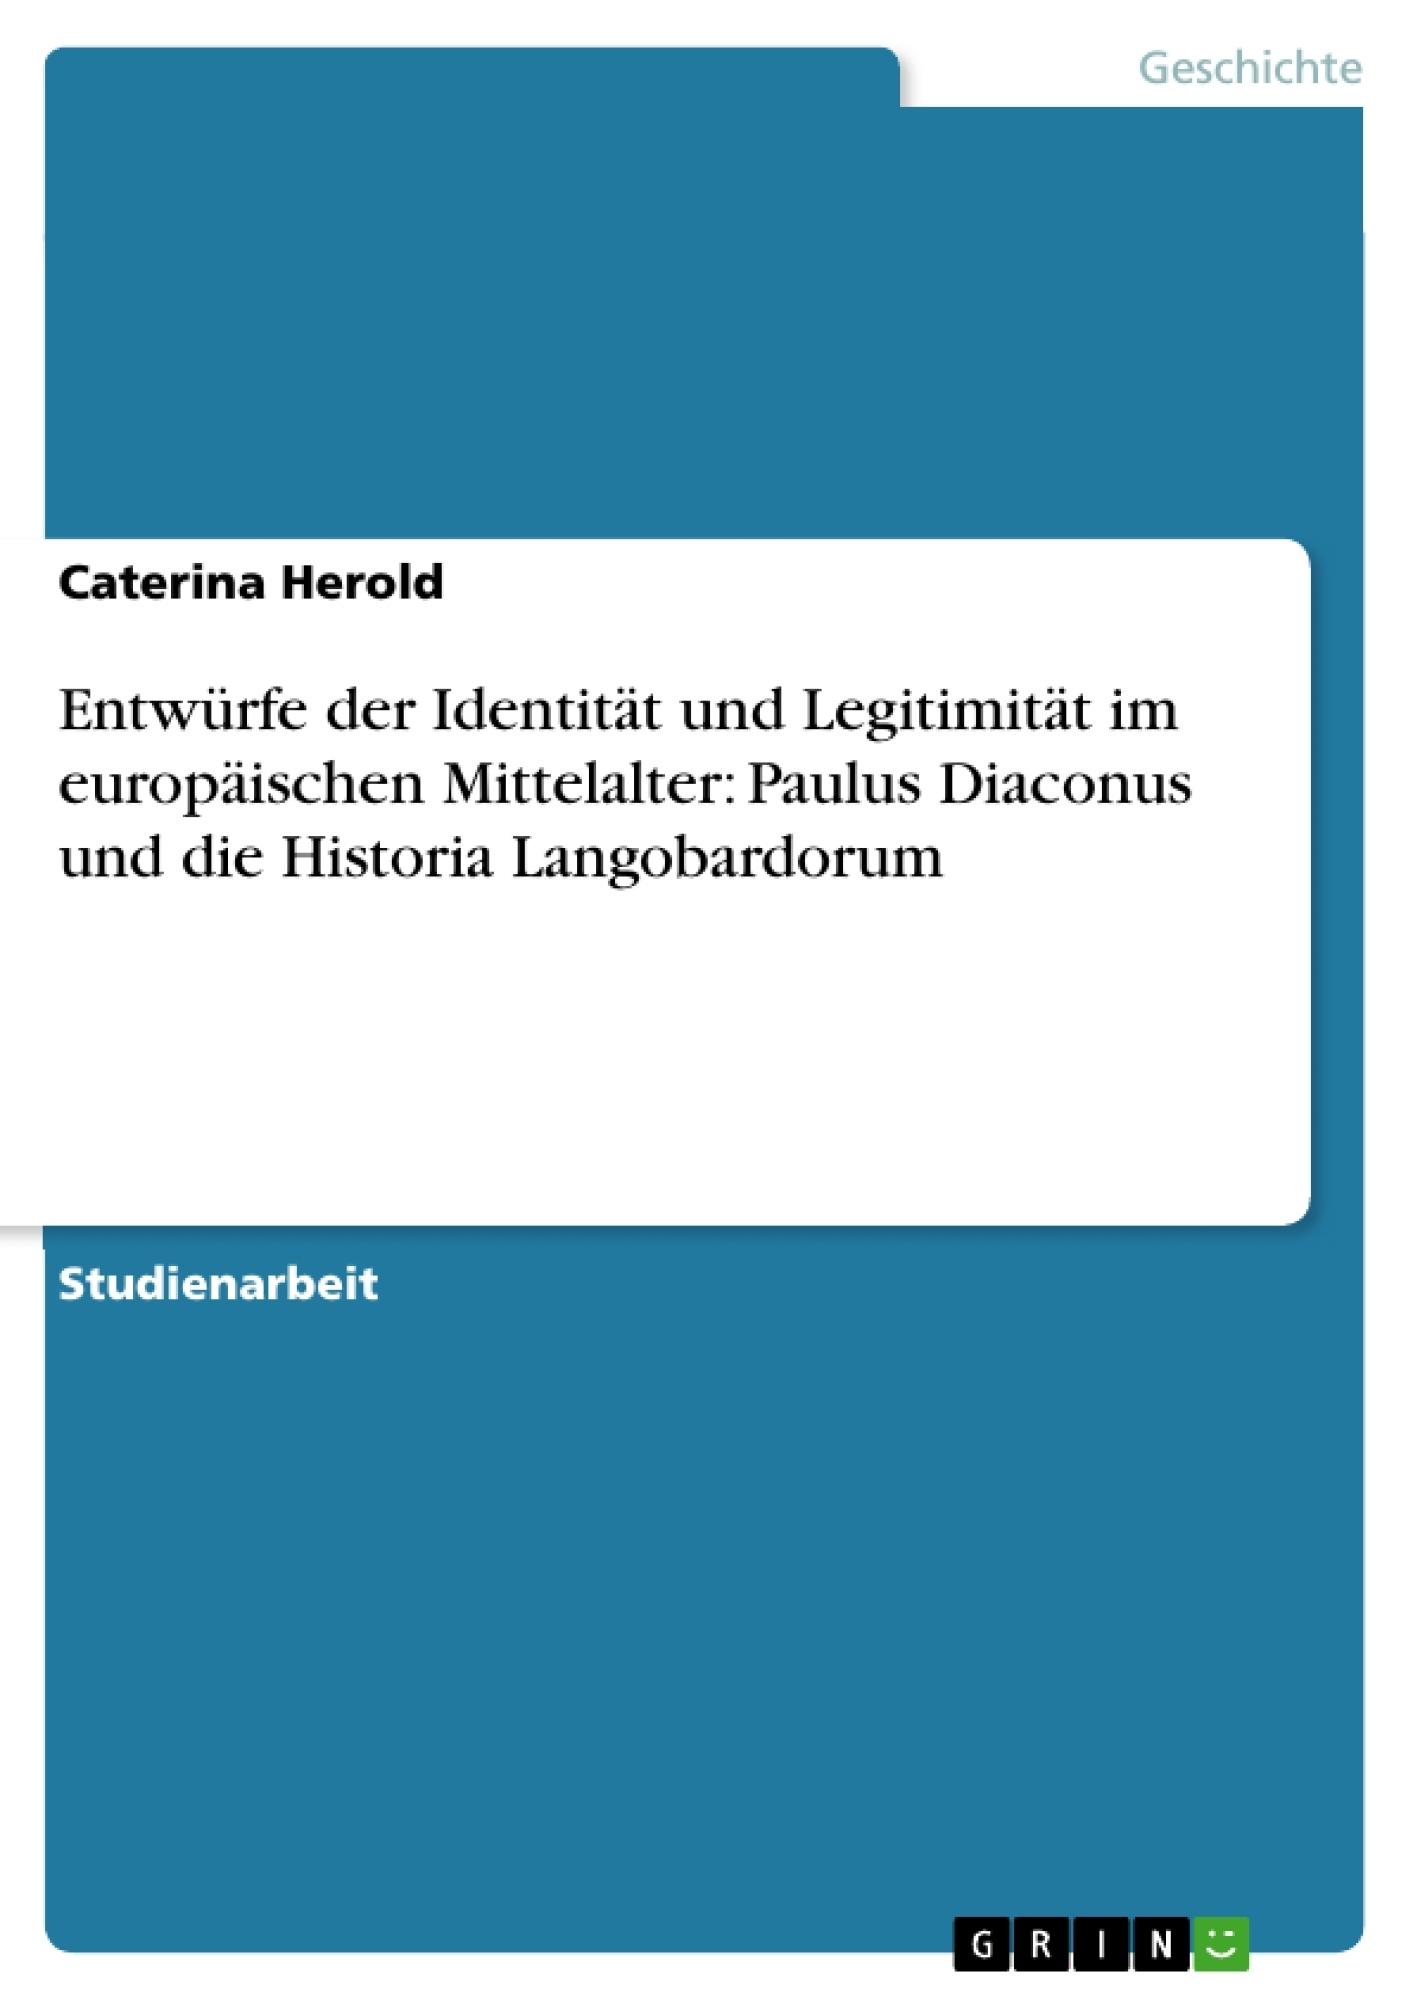 Titel: Entwürfe der Identität und Legitimität im europäischen Mittelalter: Paulus Diaconus und die Historia Langobardorum